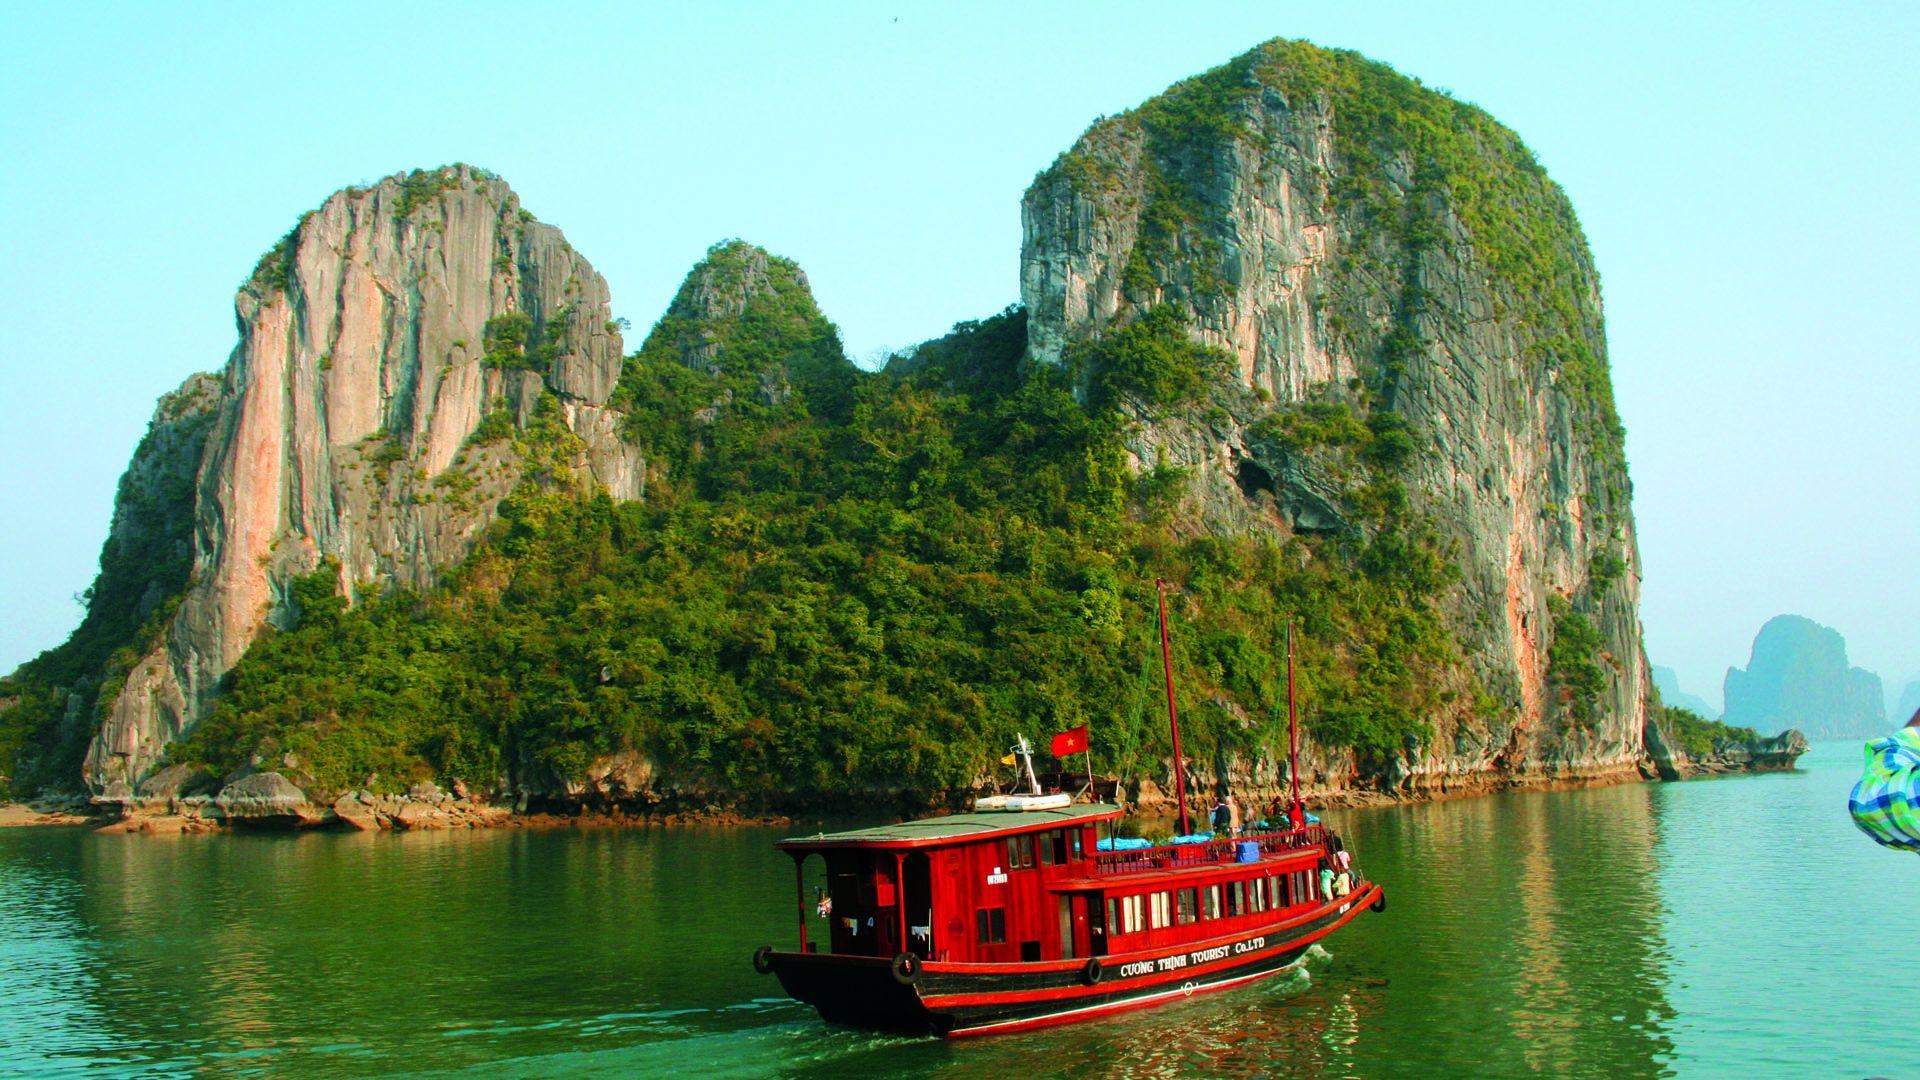 La bahía de Hạ Long, al nordeste de Vietnam, es conocida por sus aguas de color esmeralda y sus miles de elevadas islas de piedra caliza